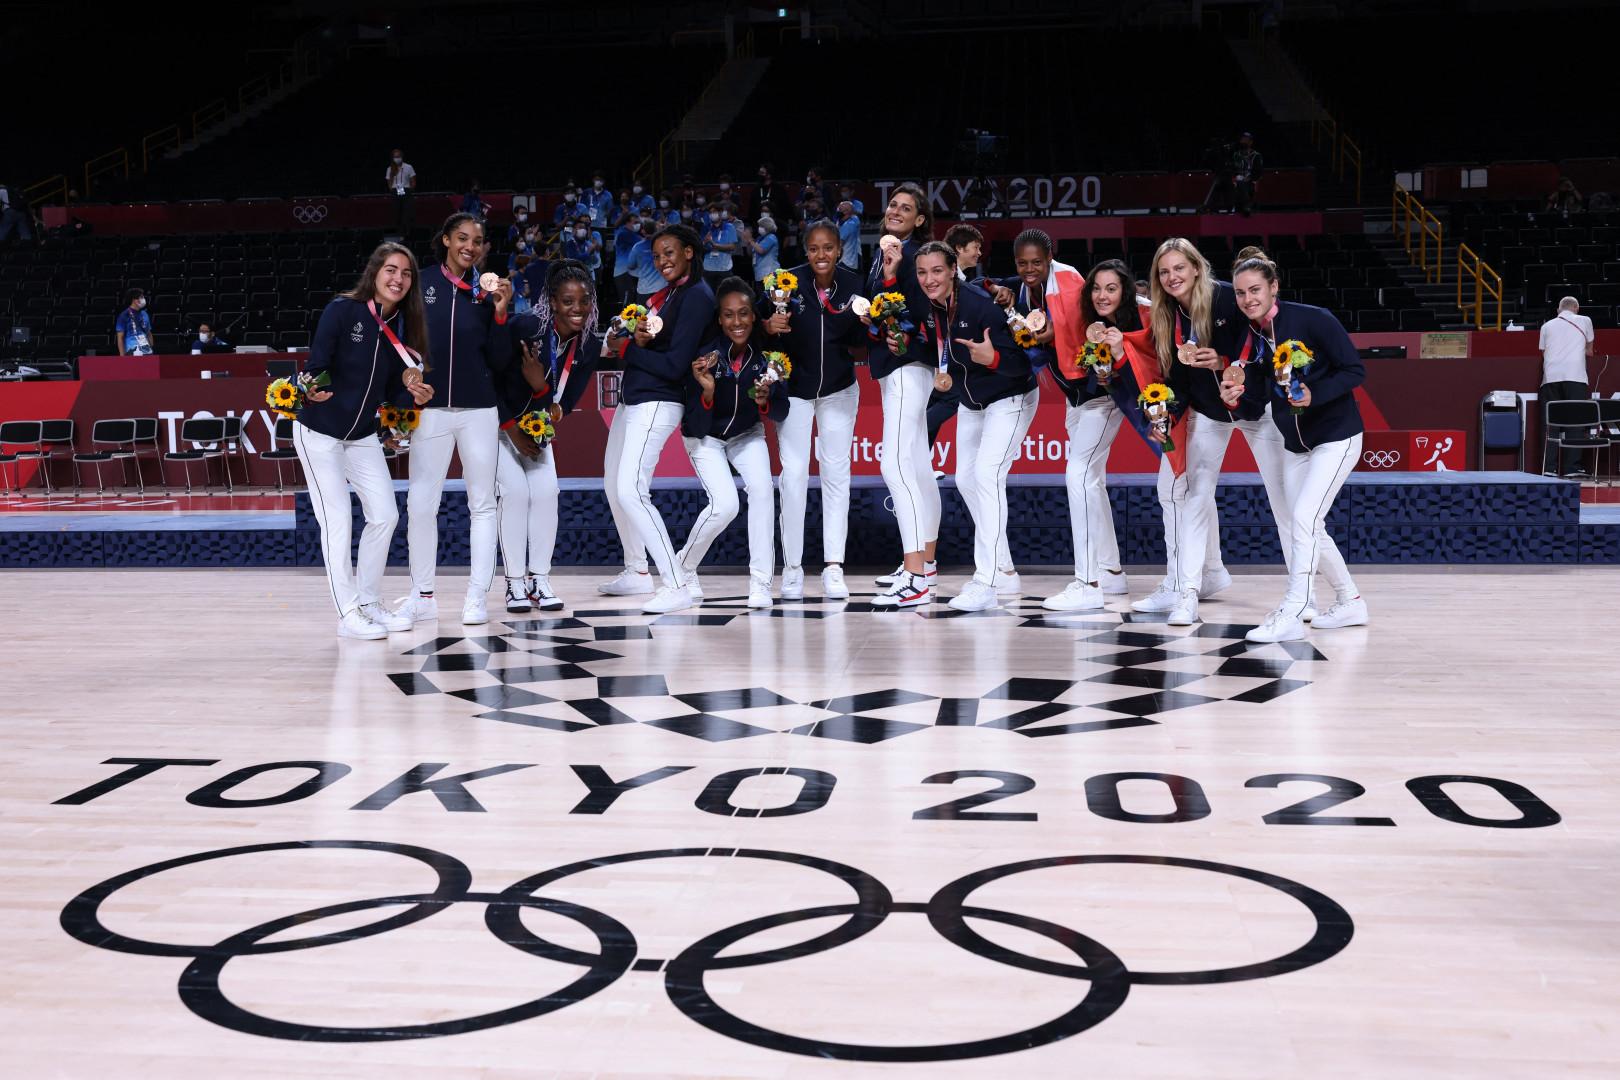 Les basketteuses avec leur médaille de bronze à Tokyo le 8 août 2021.